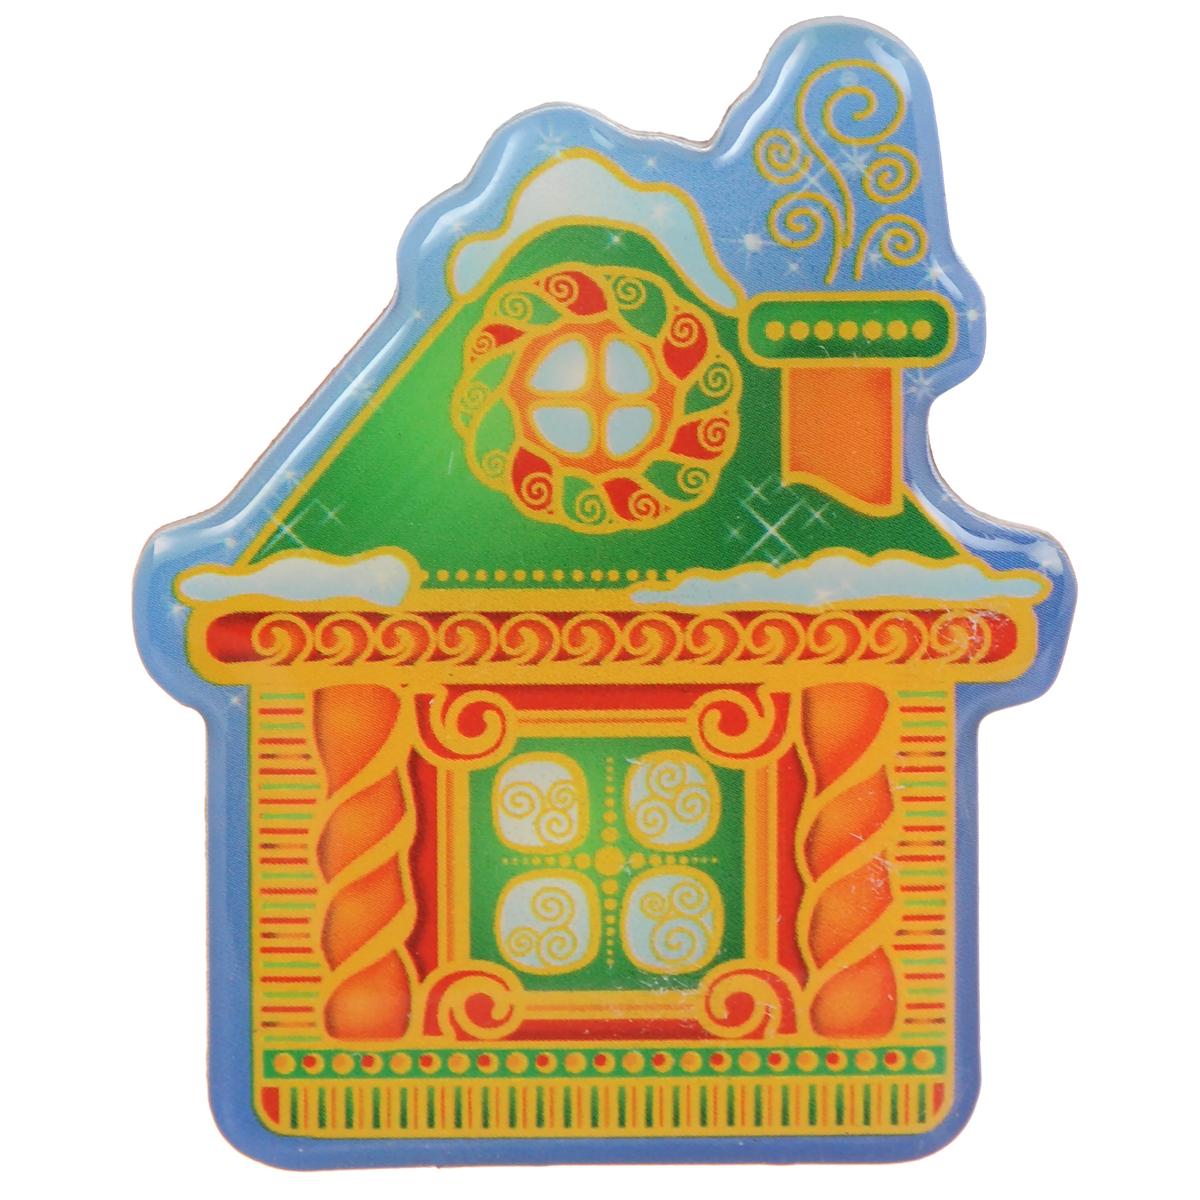 Декоративный магнит Домик, 5,5 см х 6,5 см. 31540 магнит декоративный magic time сказочный город 5 x 6 см 42280